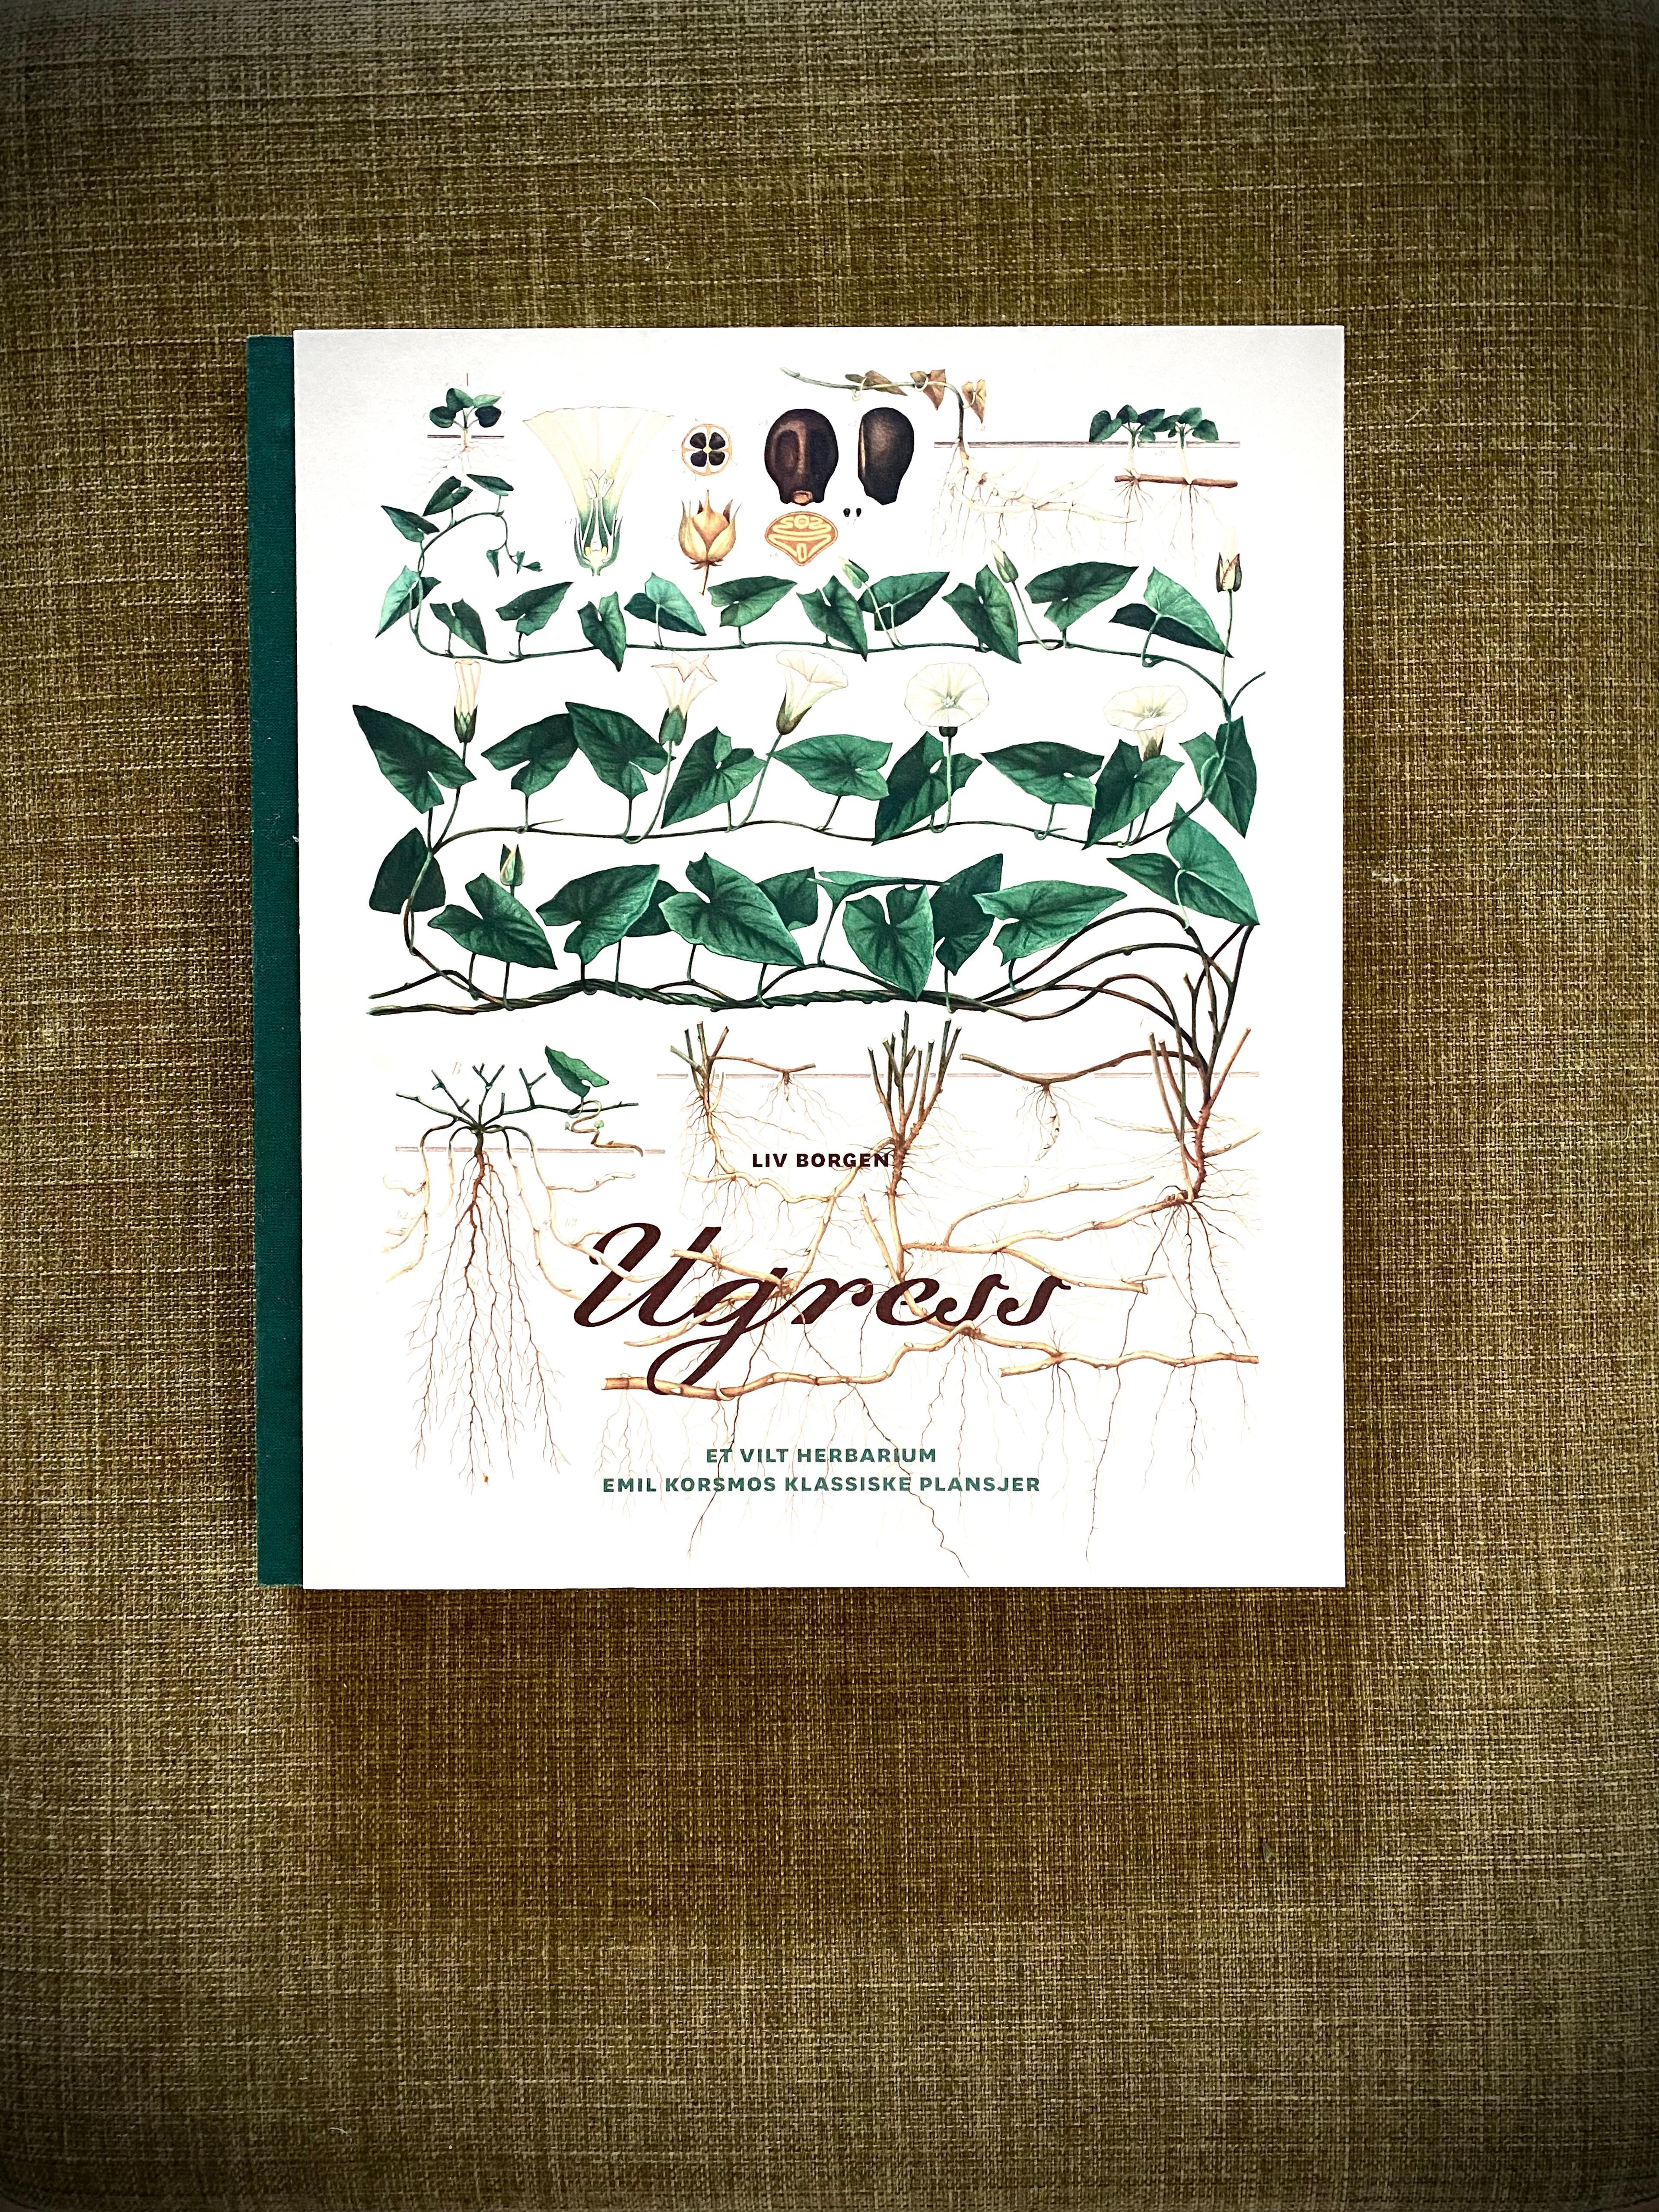 Praktboken Ugress. Et villt herbarium er en samling med Emil Korsmos plansjer fra begynnelsen av 1900-tallet og med tekster av professor emerita i botanikk, Liv Borgen.